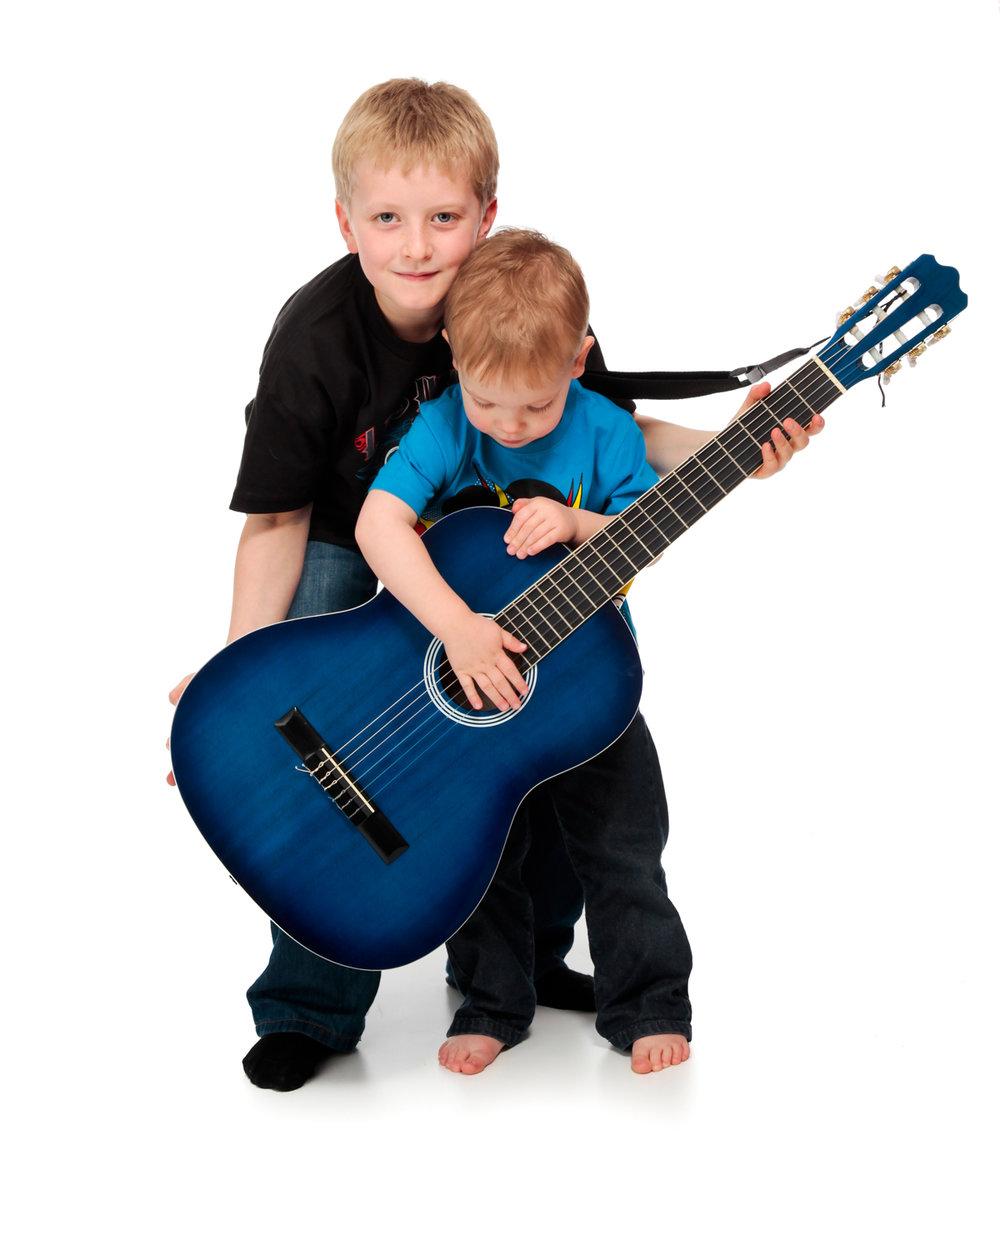 Child_Portrait_Photographer_Newbury_Berkshire_046.jpg